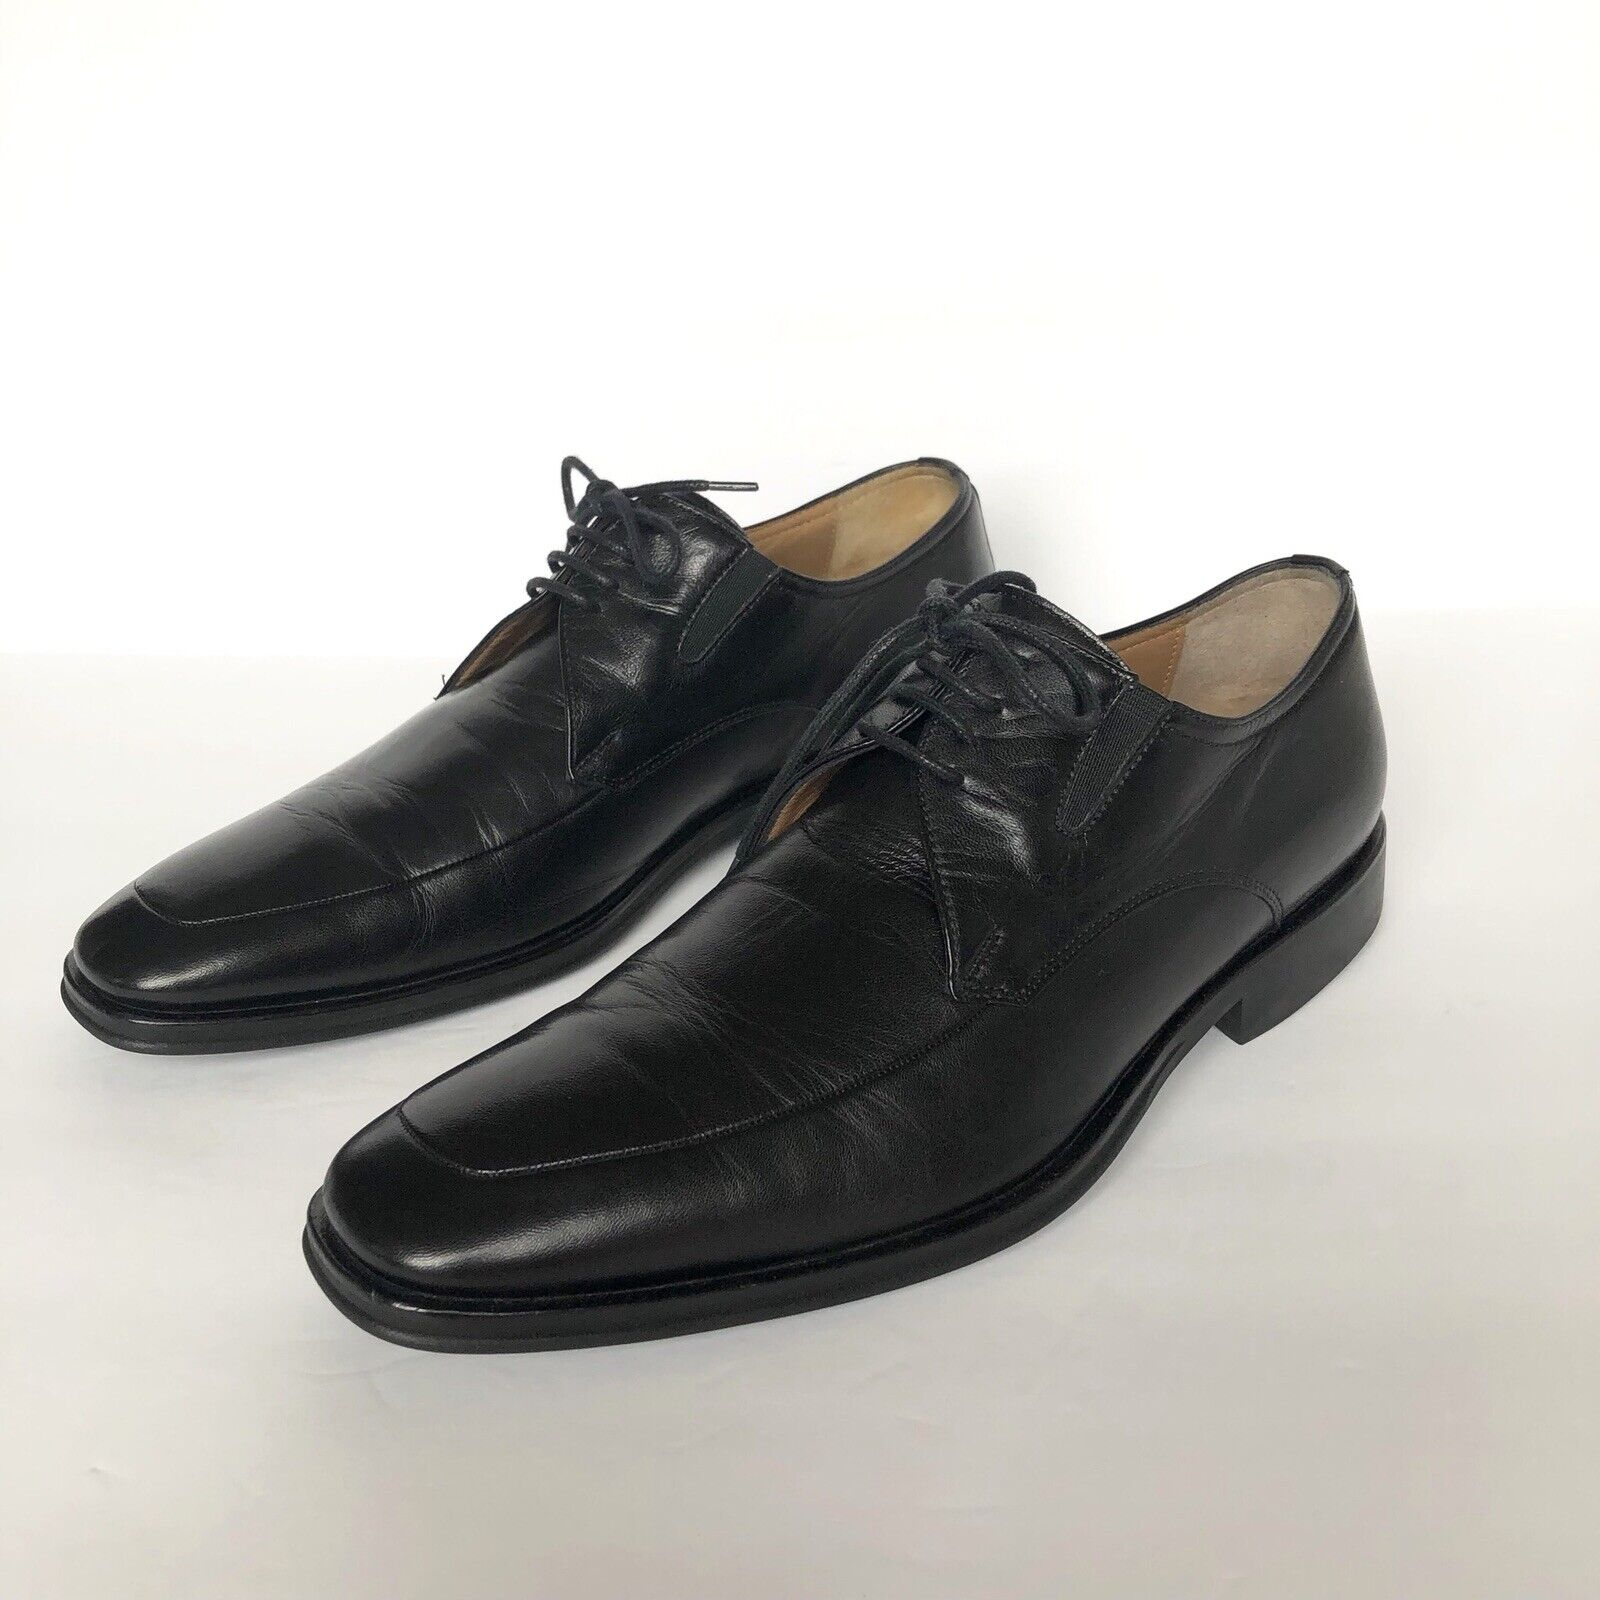 Bcouriro Magli Ranuncolo Noir en Cuir à Lacets Chaussures Homme Taille 8.5 M